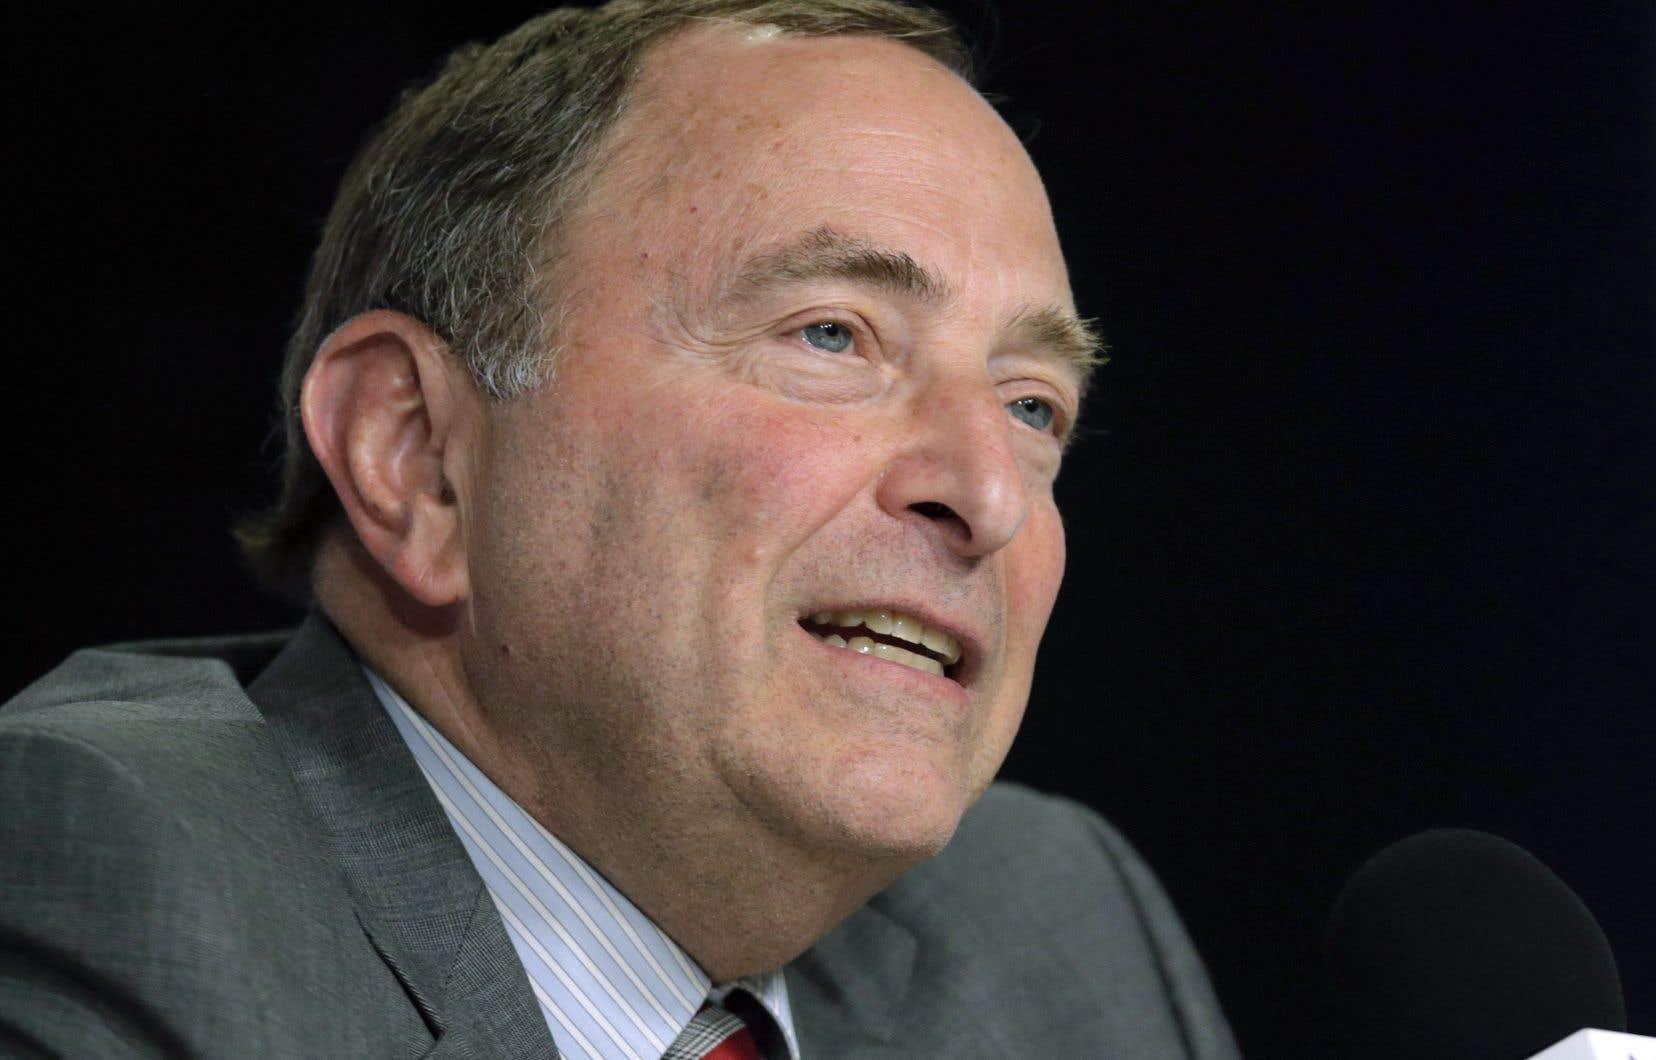 Toutefois, «dans toute convention collective, les parties peuvent toujours identifier les dossiers avec lesquels elles ne sont pas satisfaites et qu'elles souhaiteraient voir modifiés», a déclaré le commissaire Gary Bettman.